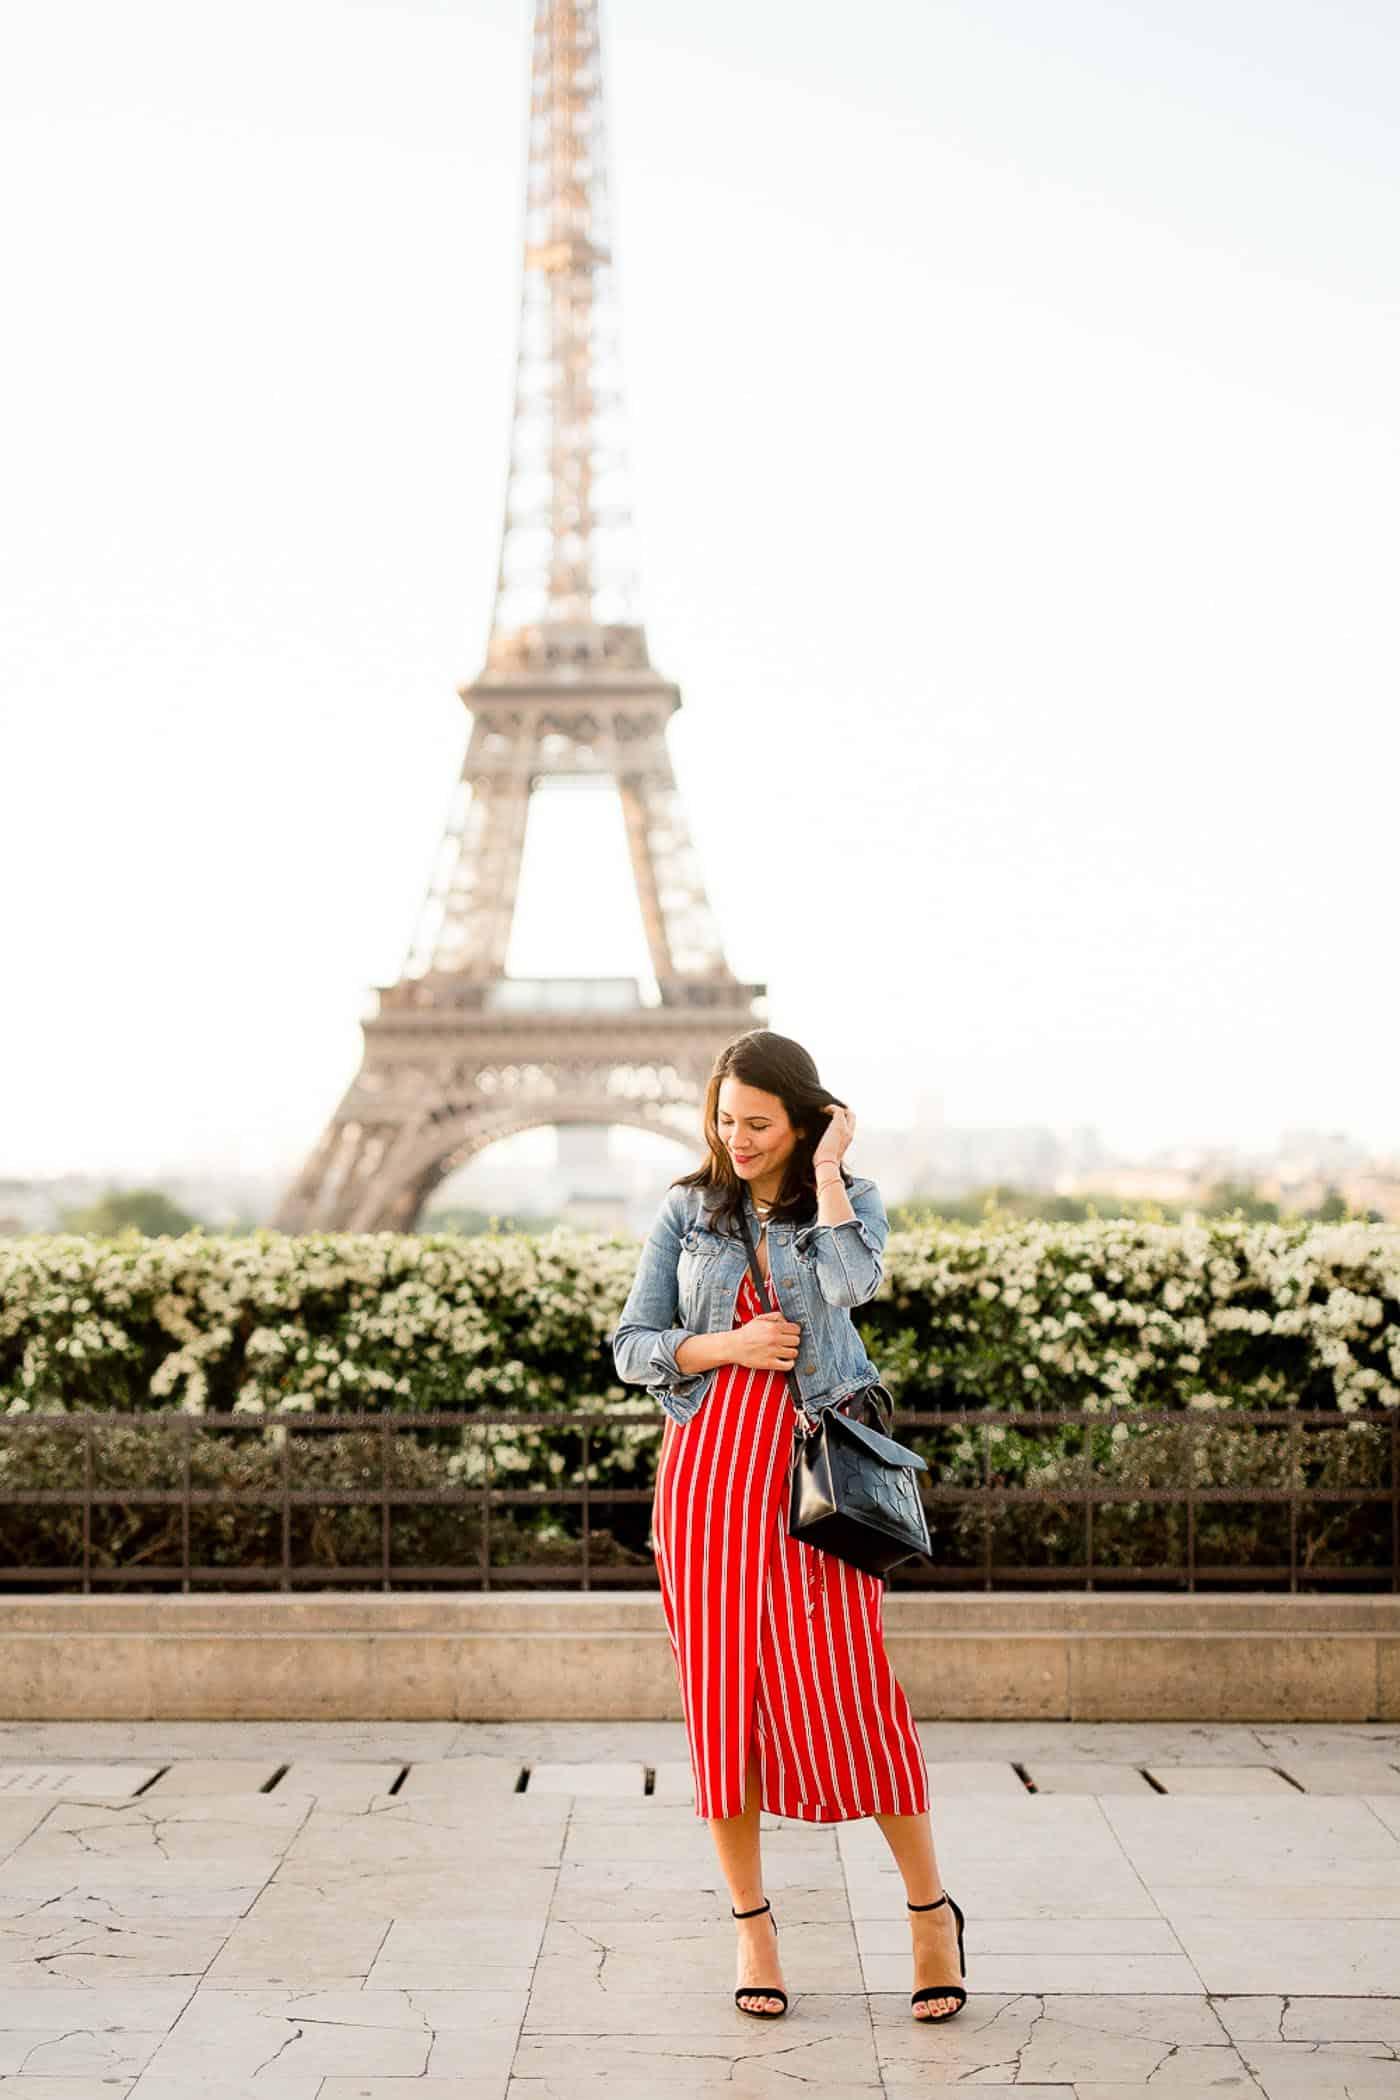 Eiffel Tower Photo Ideas - what to wear in Paris - My Style Vita @mystylevita